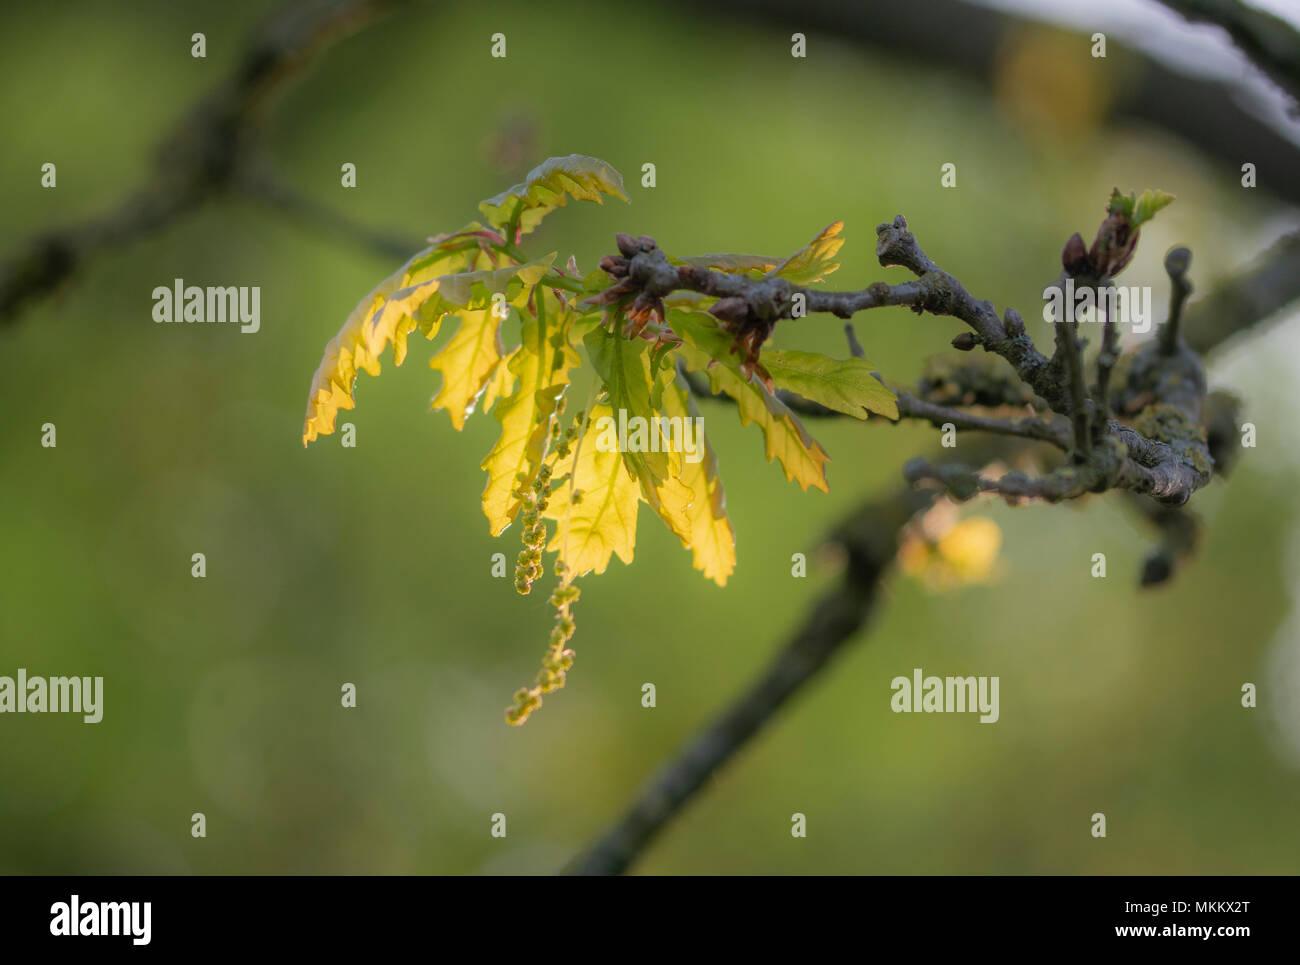 Neue, frische Blätter in den frühen Morgen Sonnenschein Stockbild